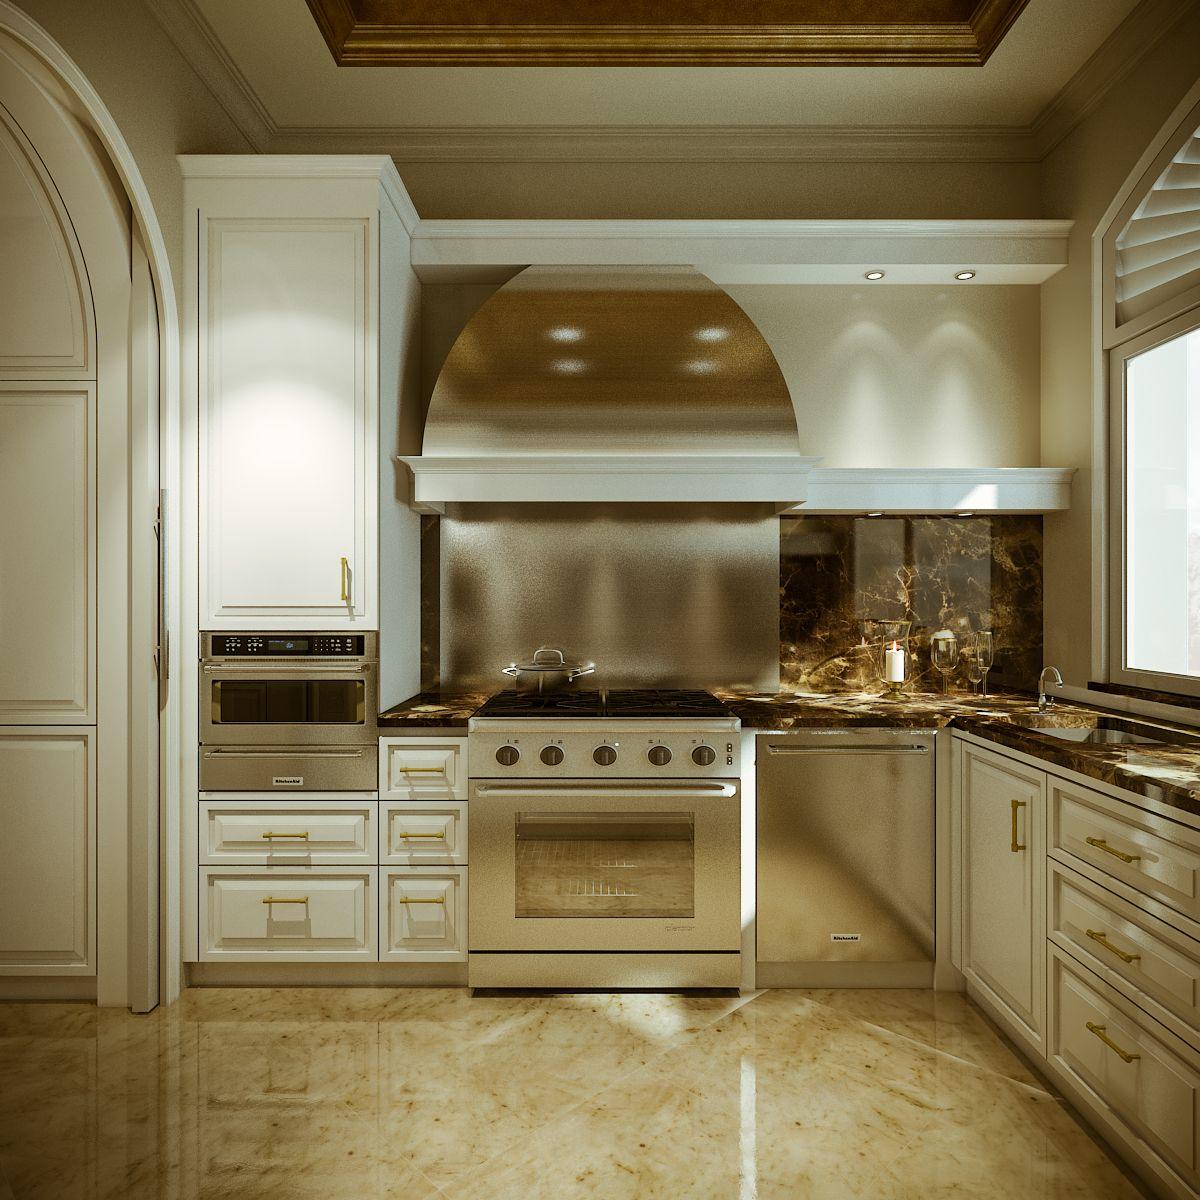 Family Home Kitchen - NY 300